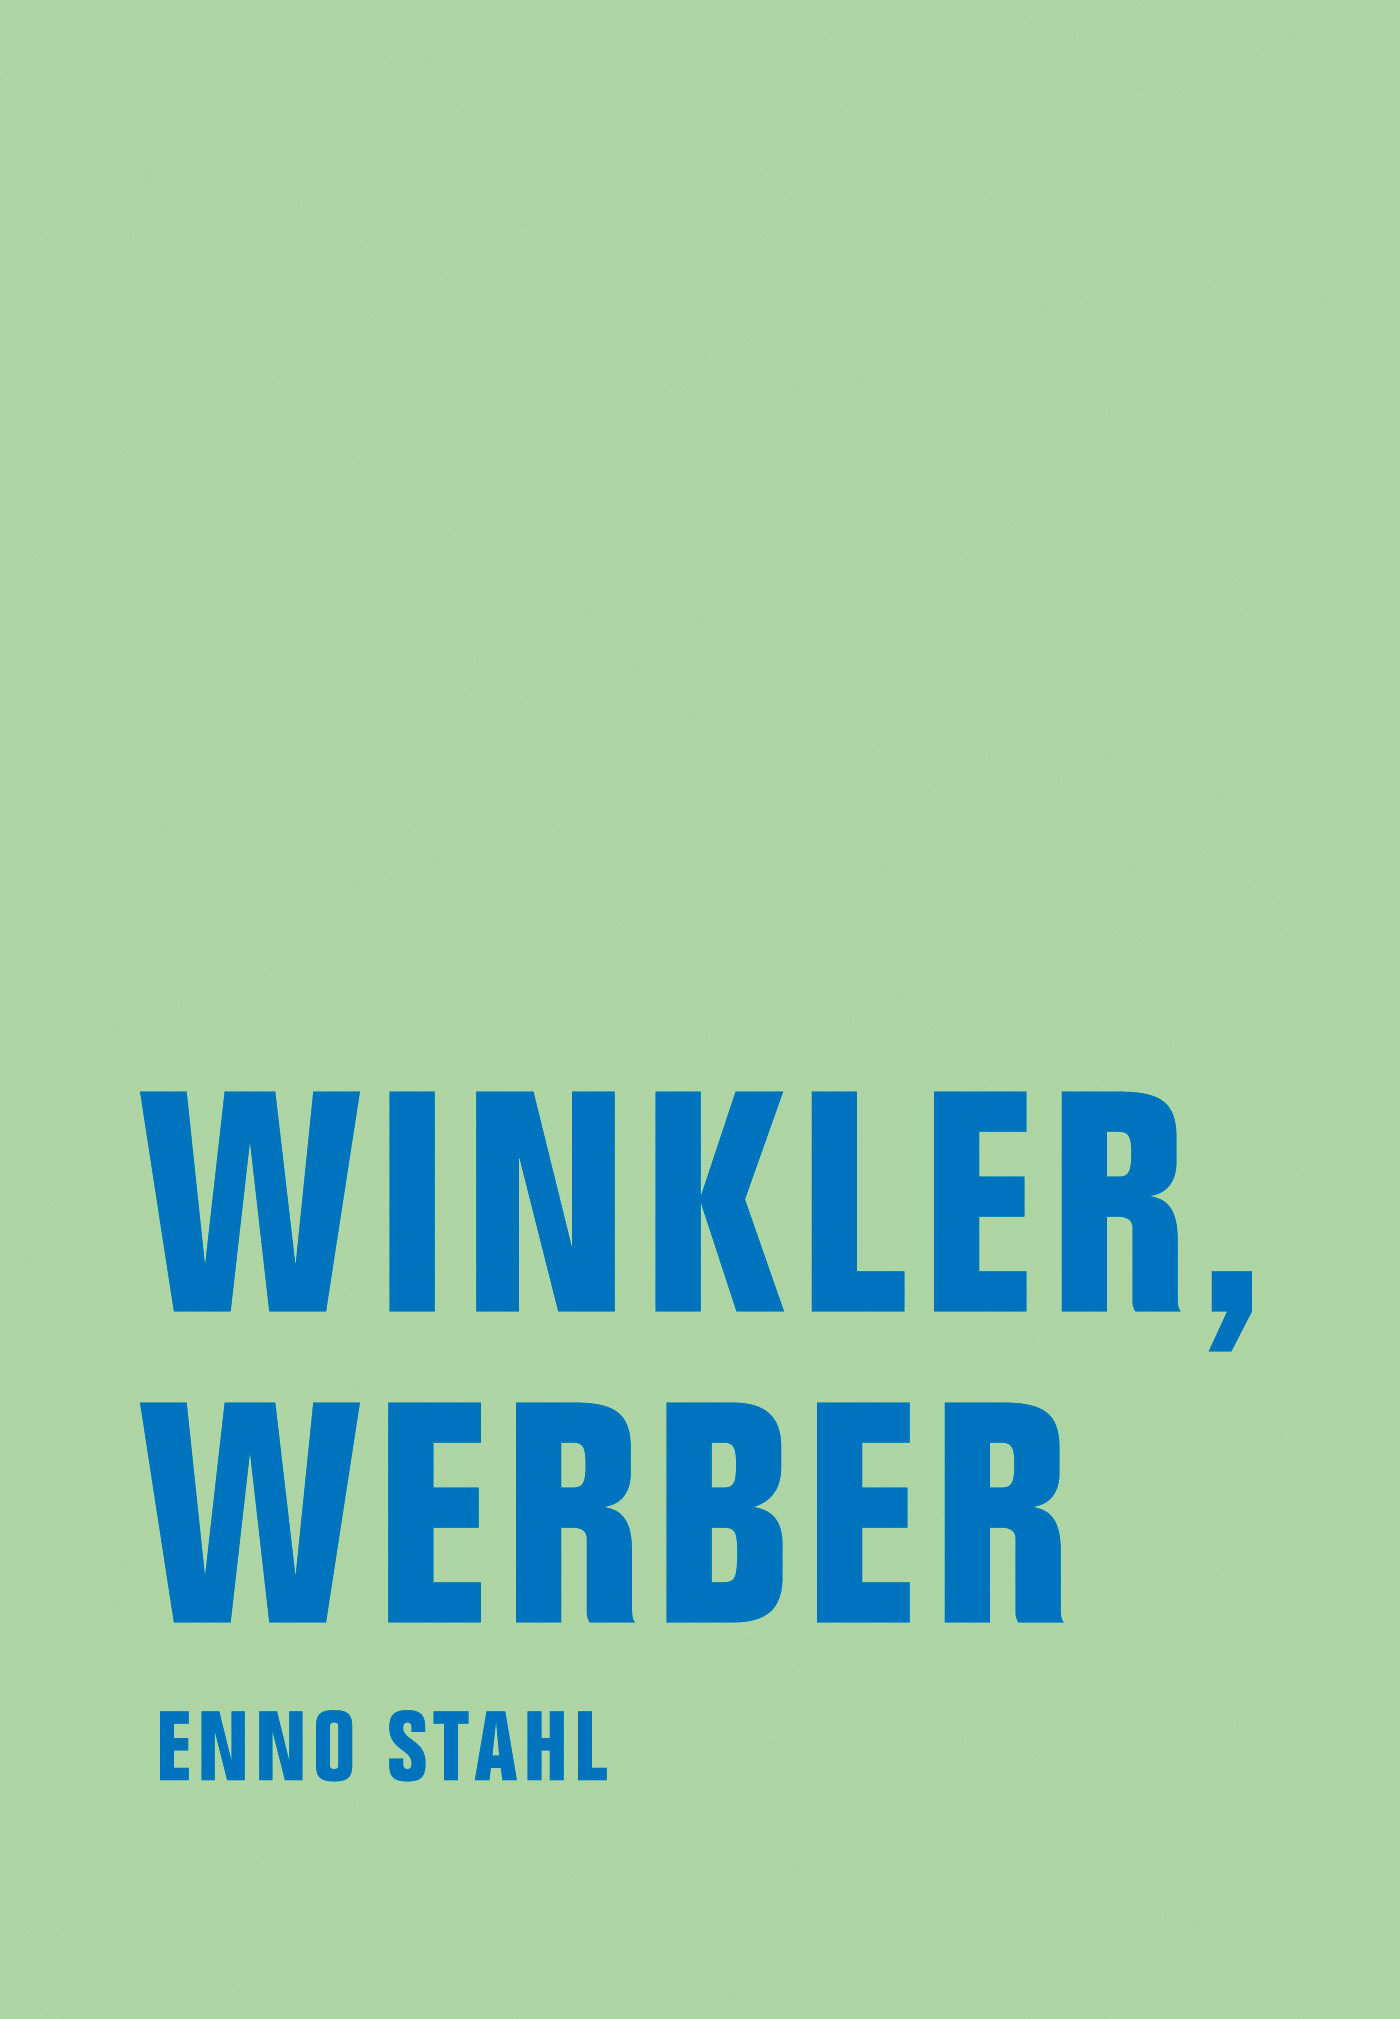 Enno Stahl Winkler, Werber ernst enno valge öö